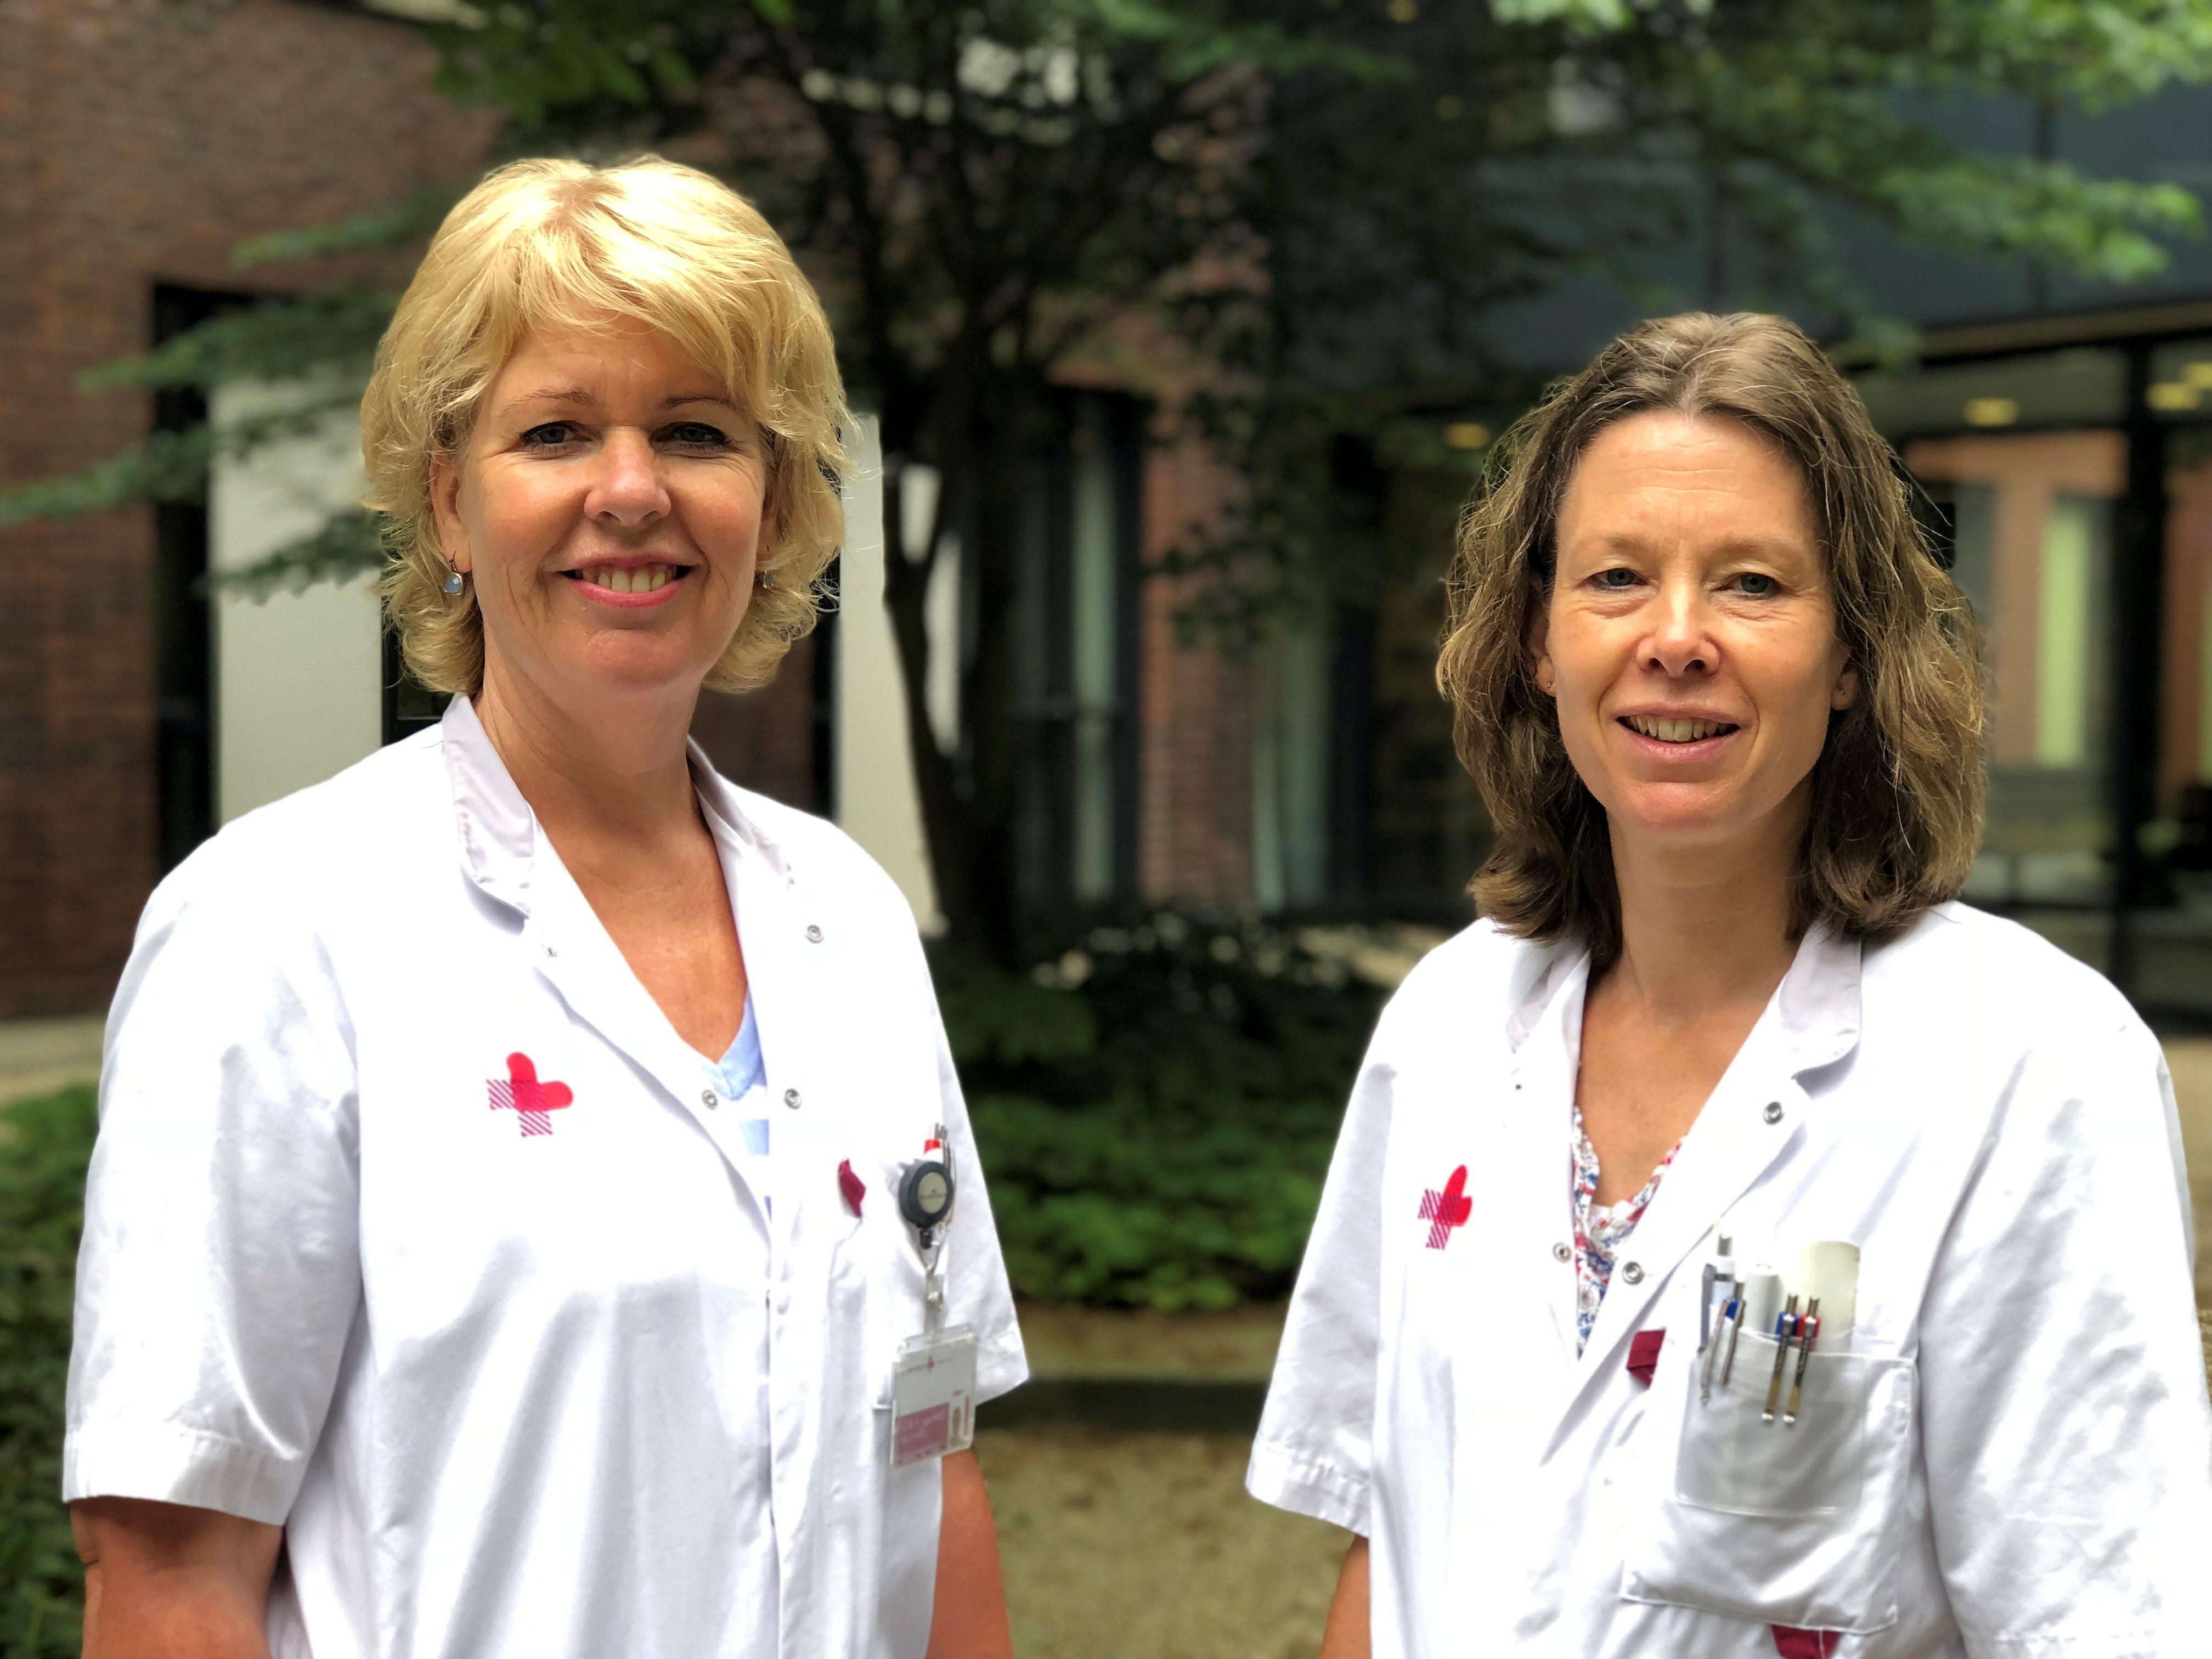 Specialistisch verpleegkundigen Jeroen Bosch ziekenhuis _ Stichting OOK